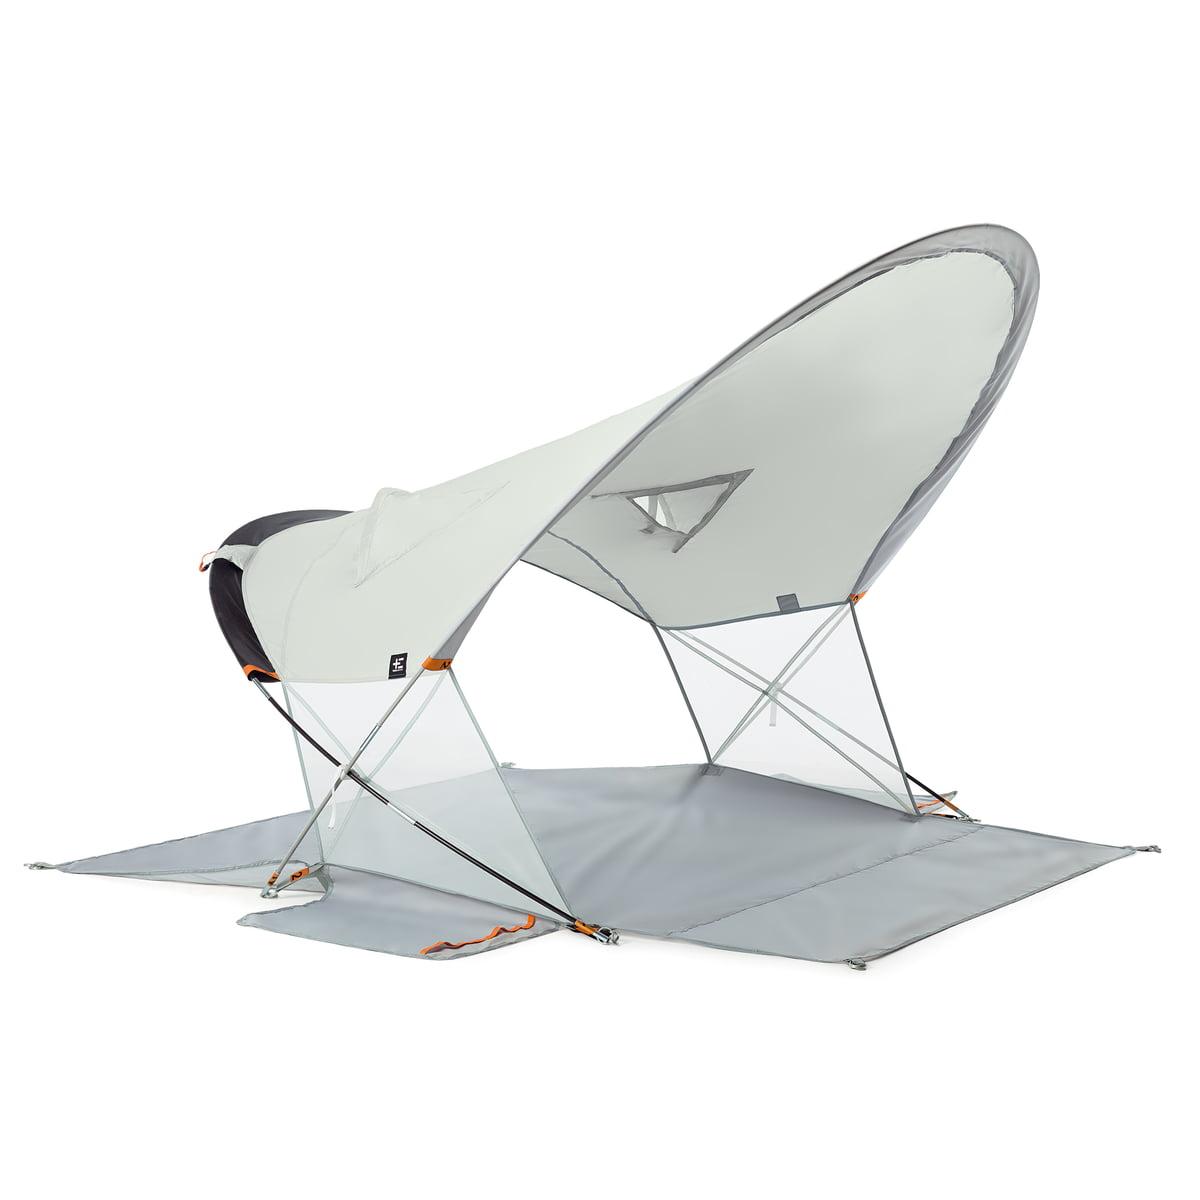 rahmen-fiberglasstangen-95mm-d Zelte online kaufen | Möbel ...